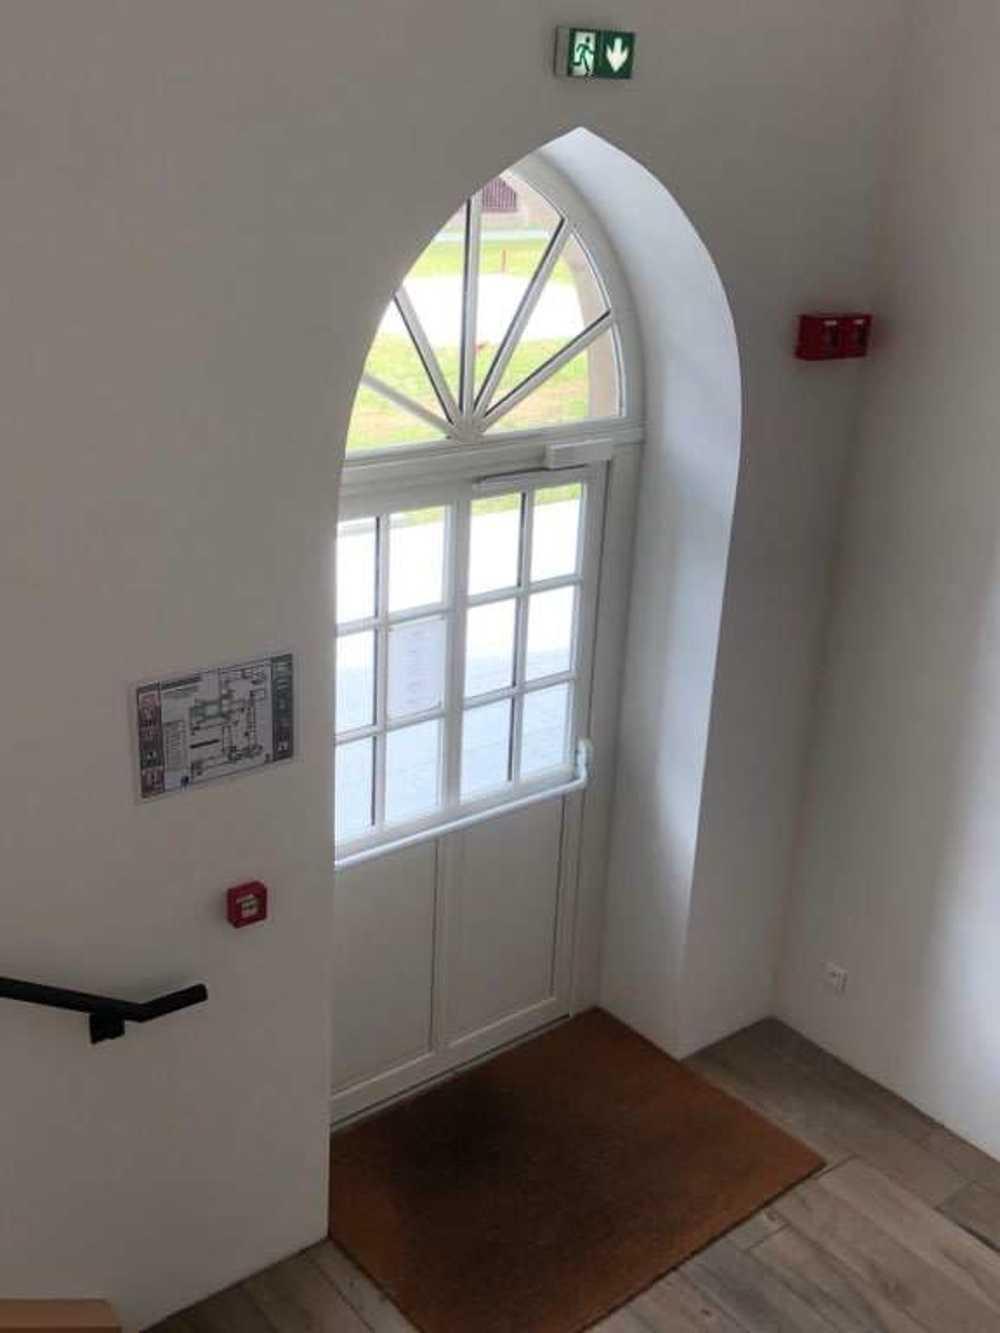 Portes et fenêtres en bois - Collège des Cordeliers - Dinan 7459377924999811267879628450131357815799808n